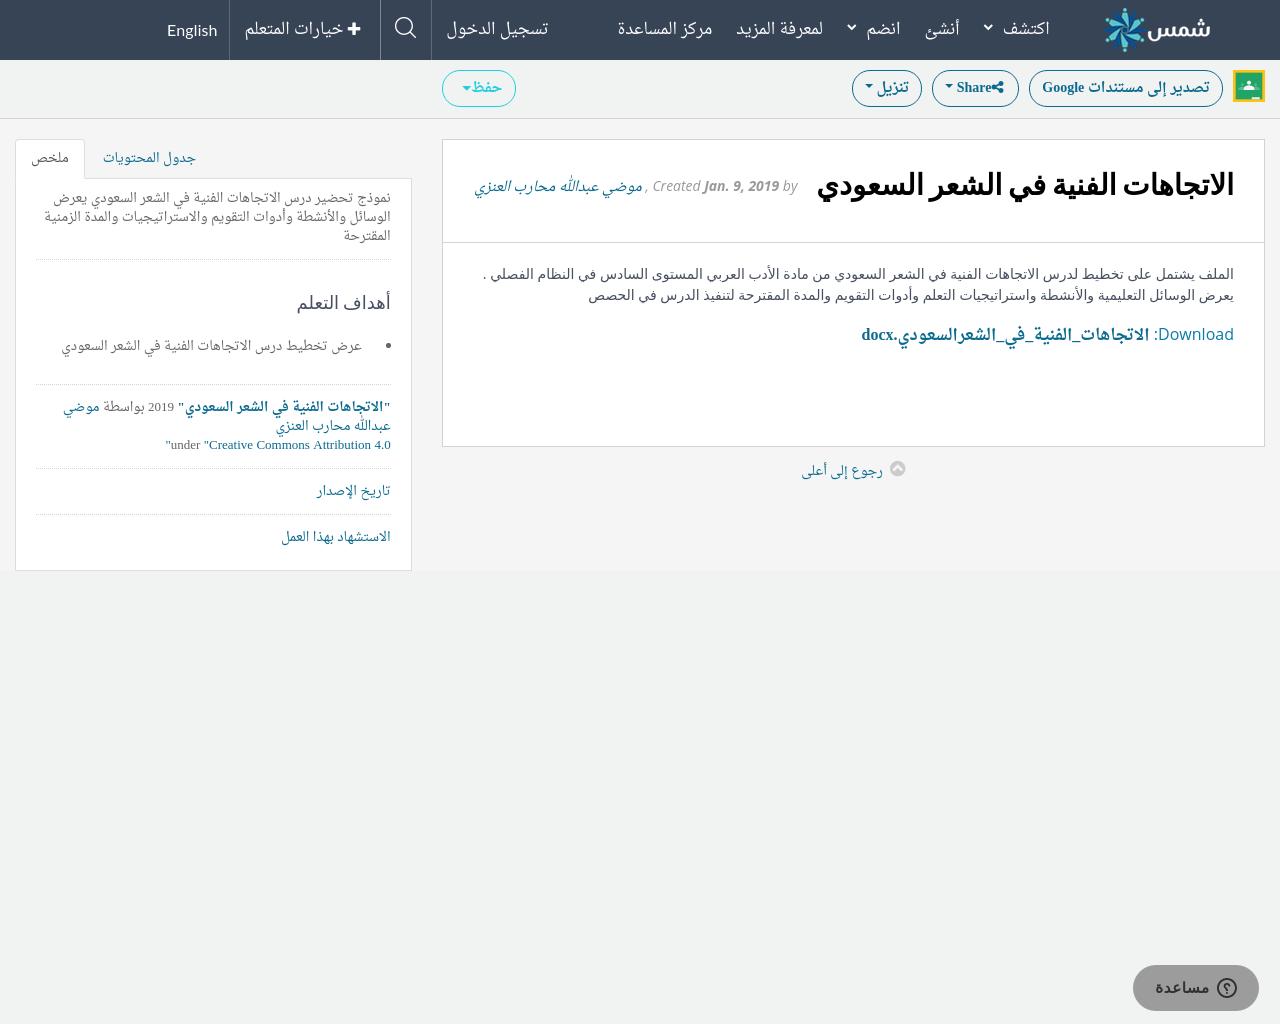 الاتجاهات الفنية في الشعر السعودي Shms Saudi Oer Network